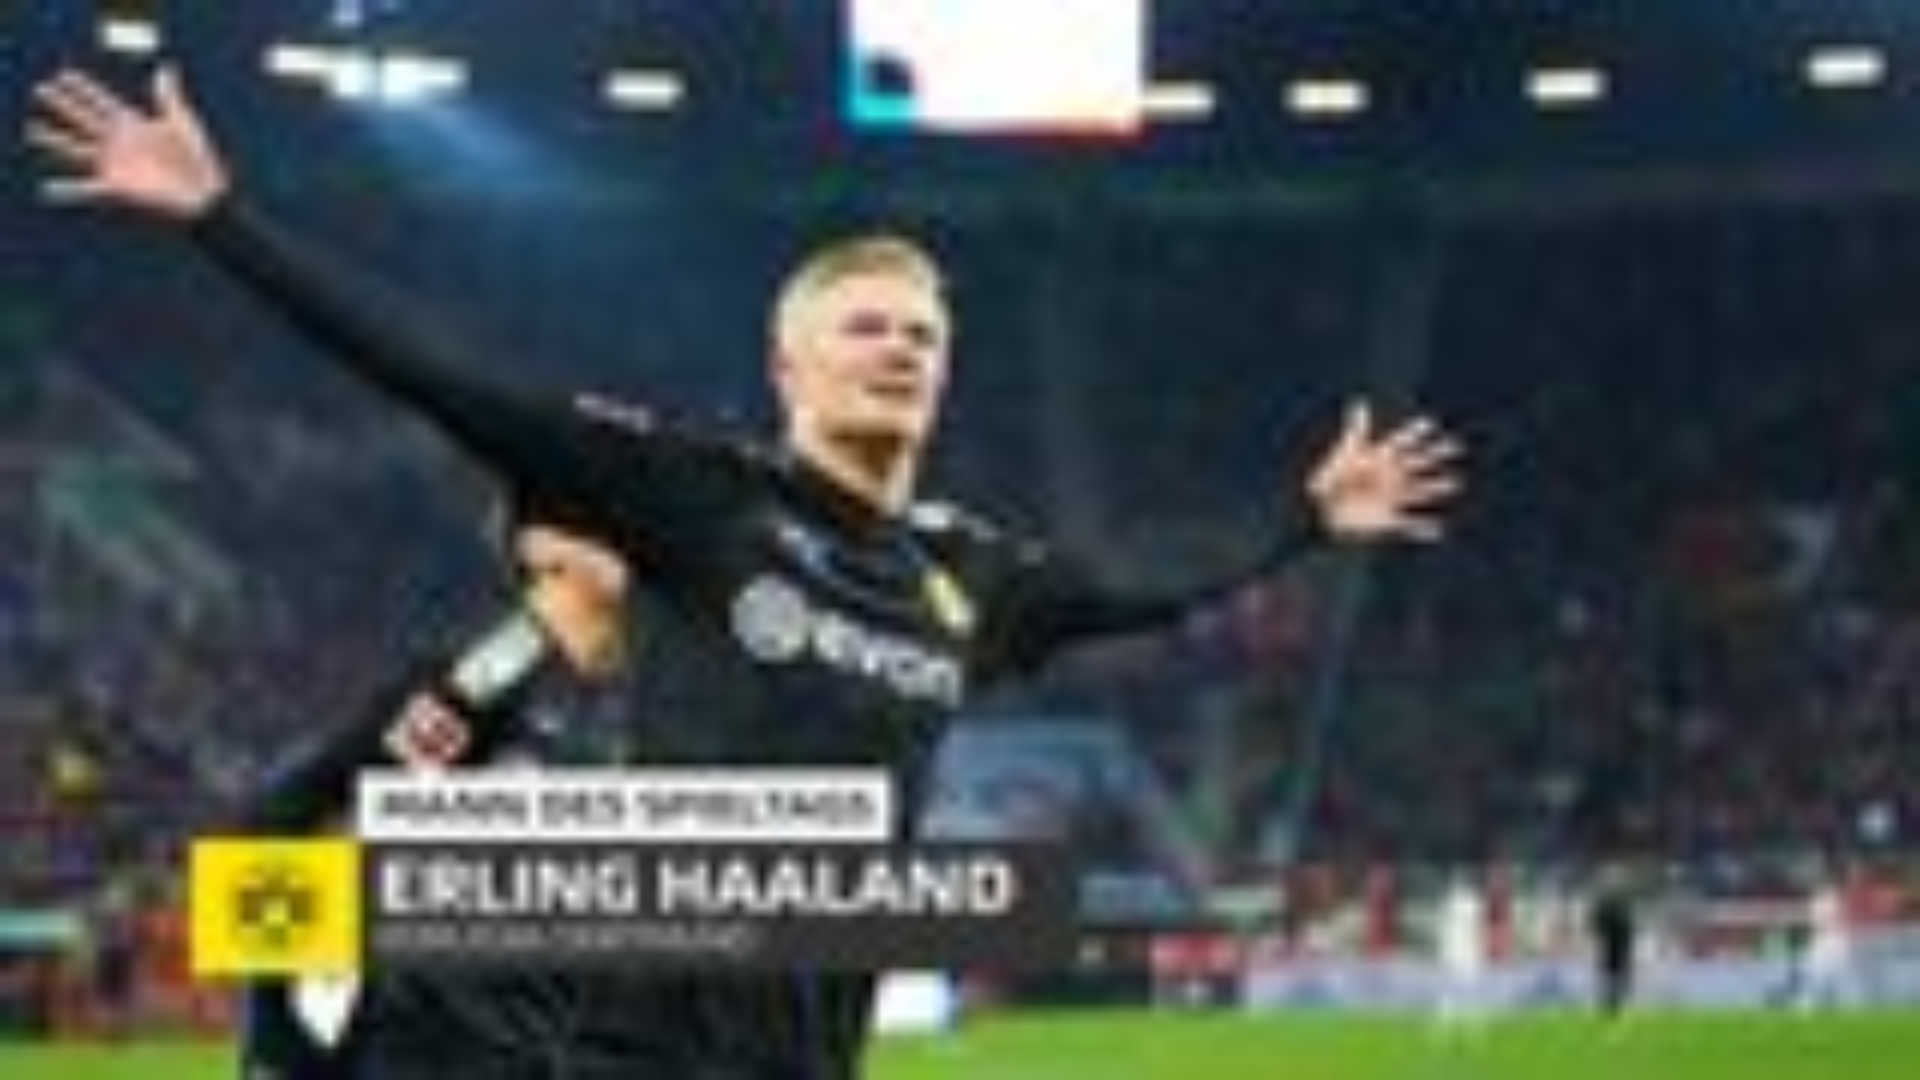 """""""Gamechanger"""" Haaland schießt Borussia Dortmund zum Sieg"""